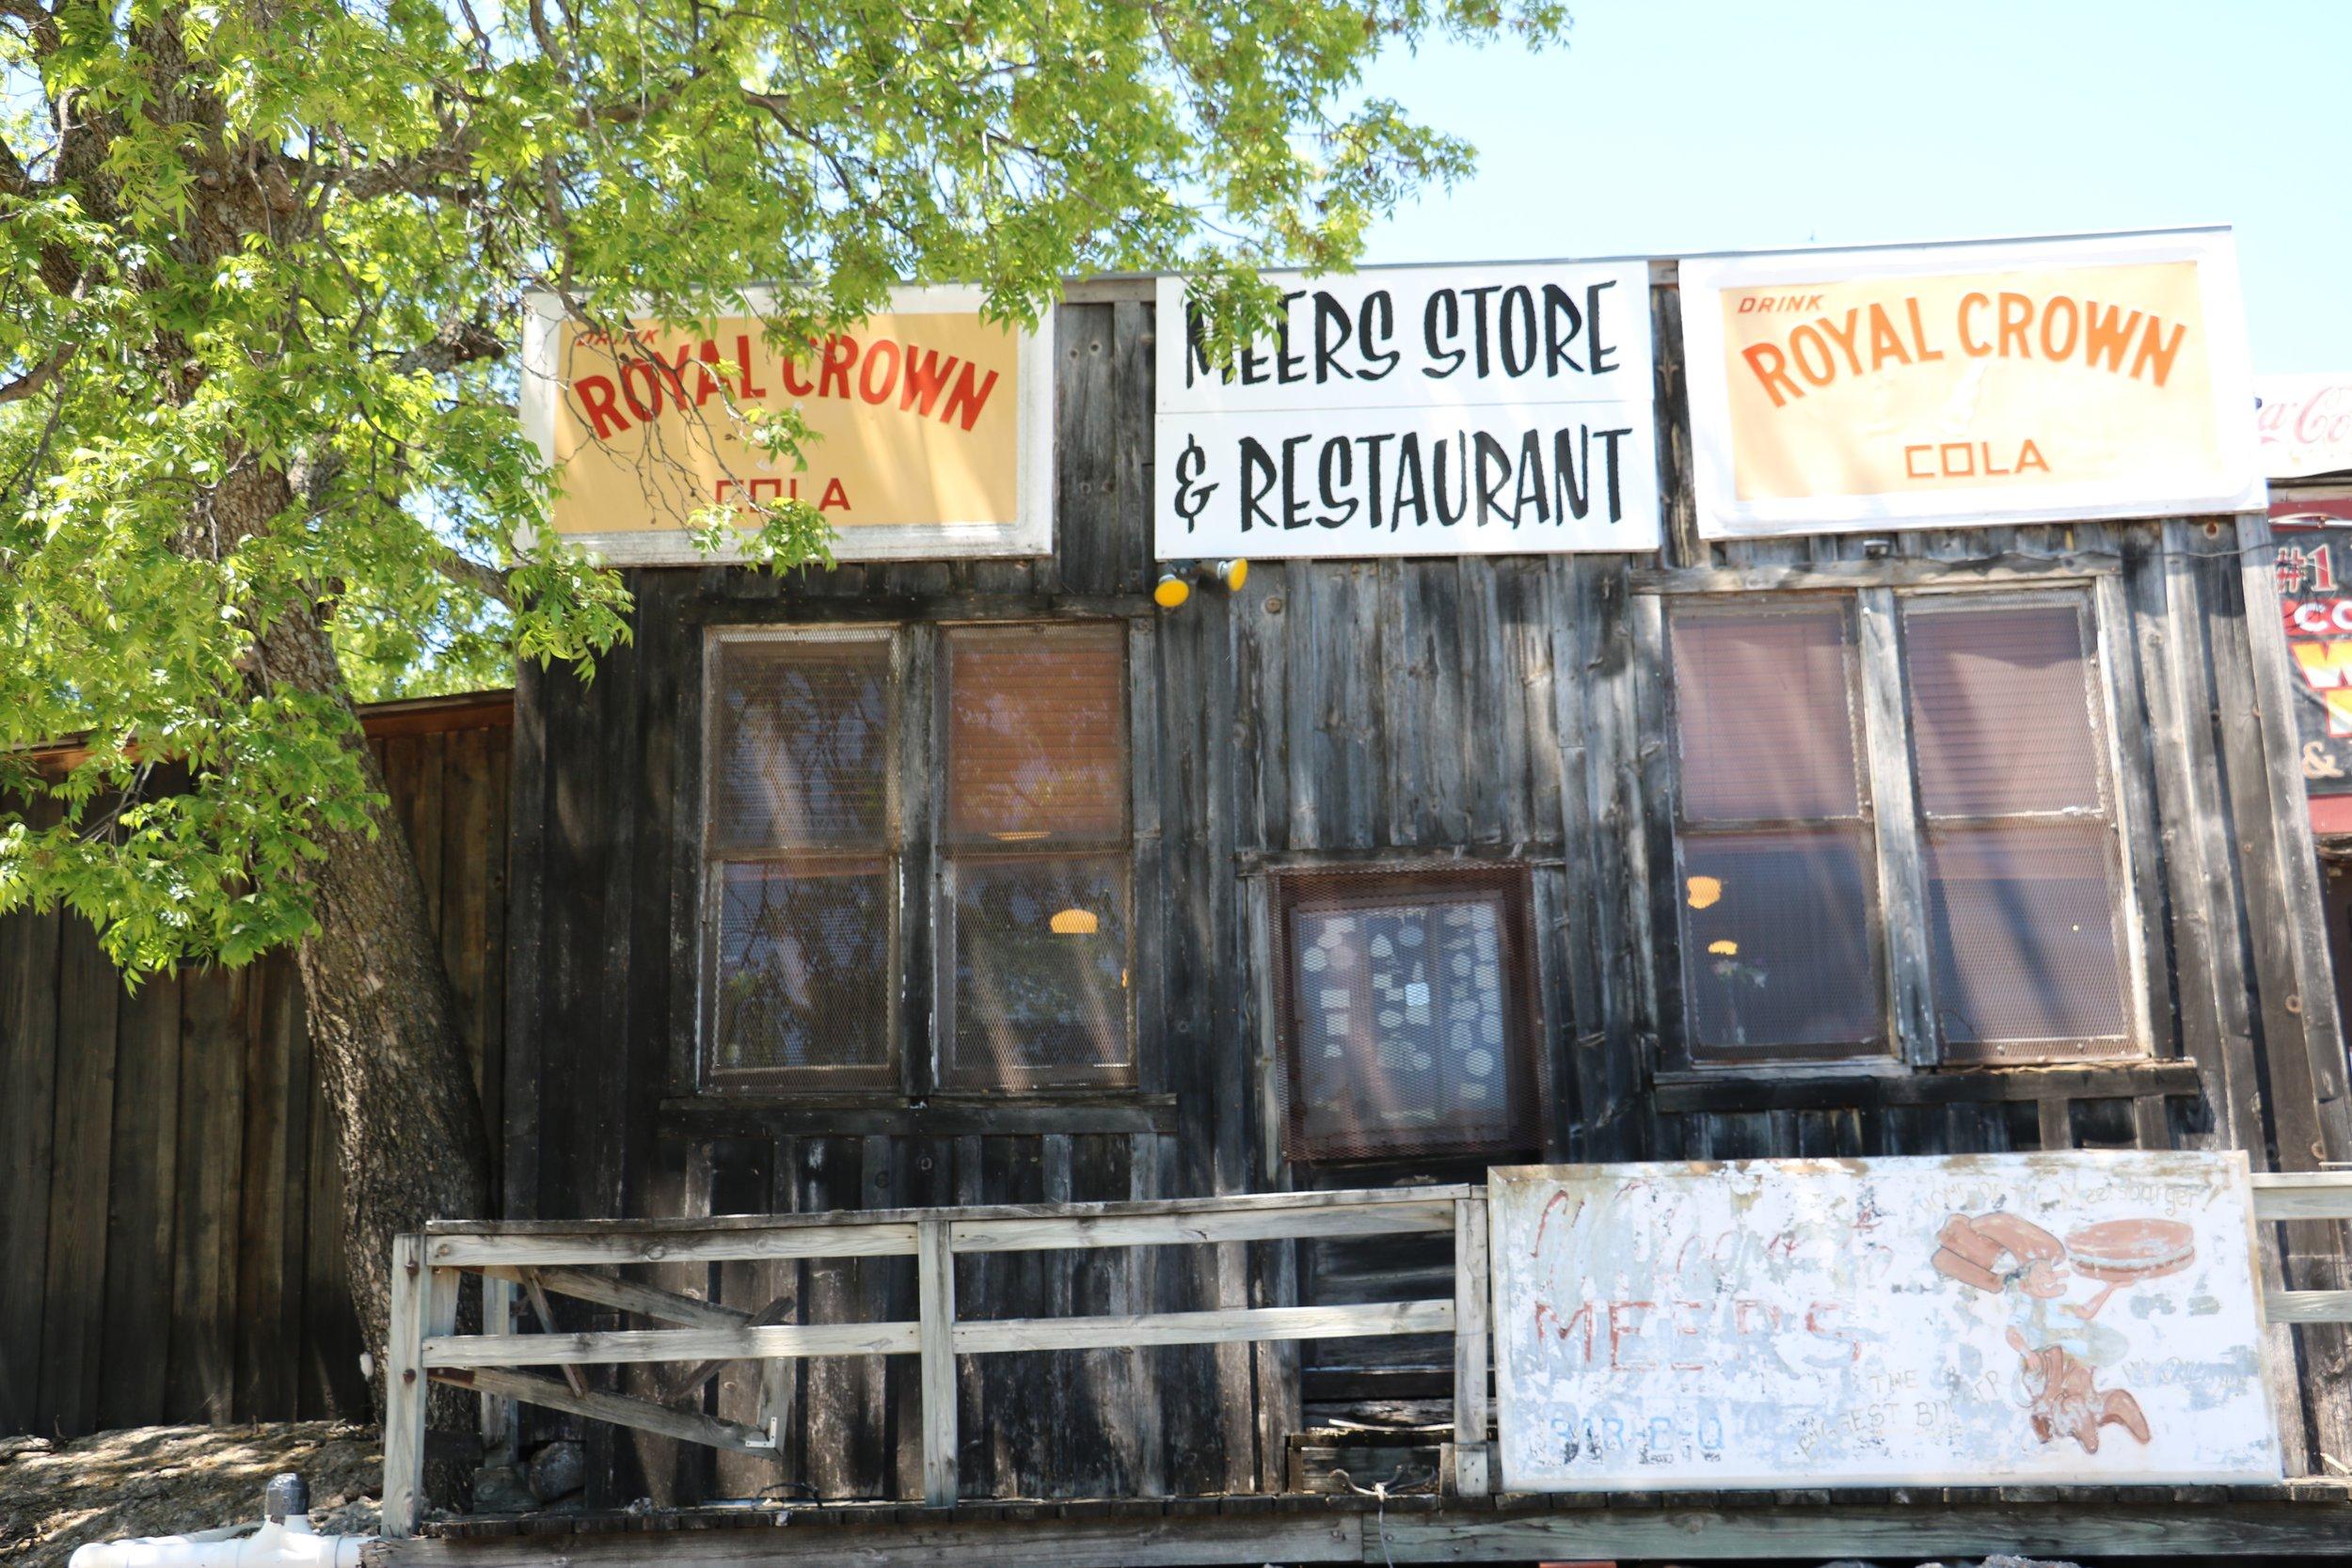 Meer's Store & Restaurant